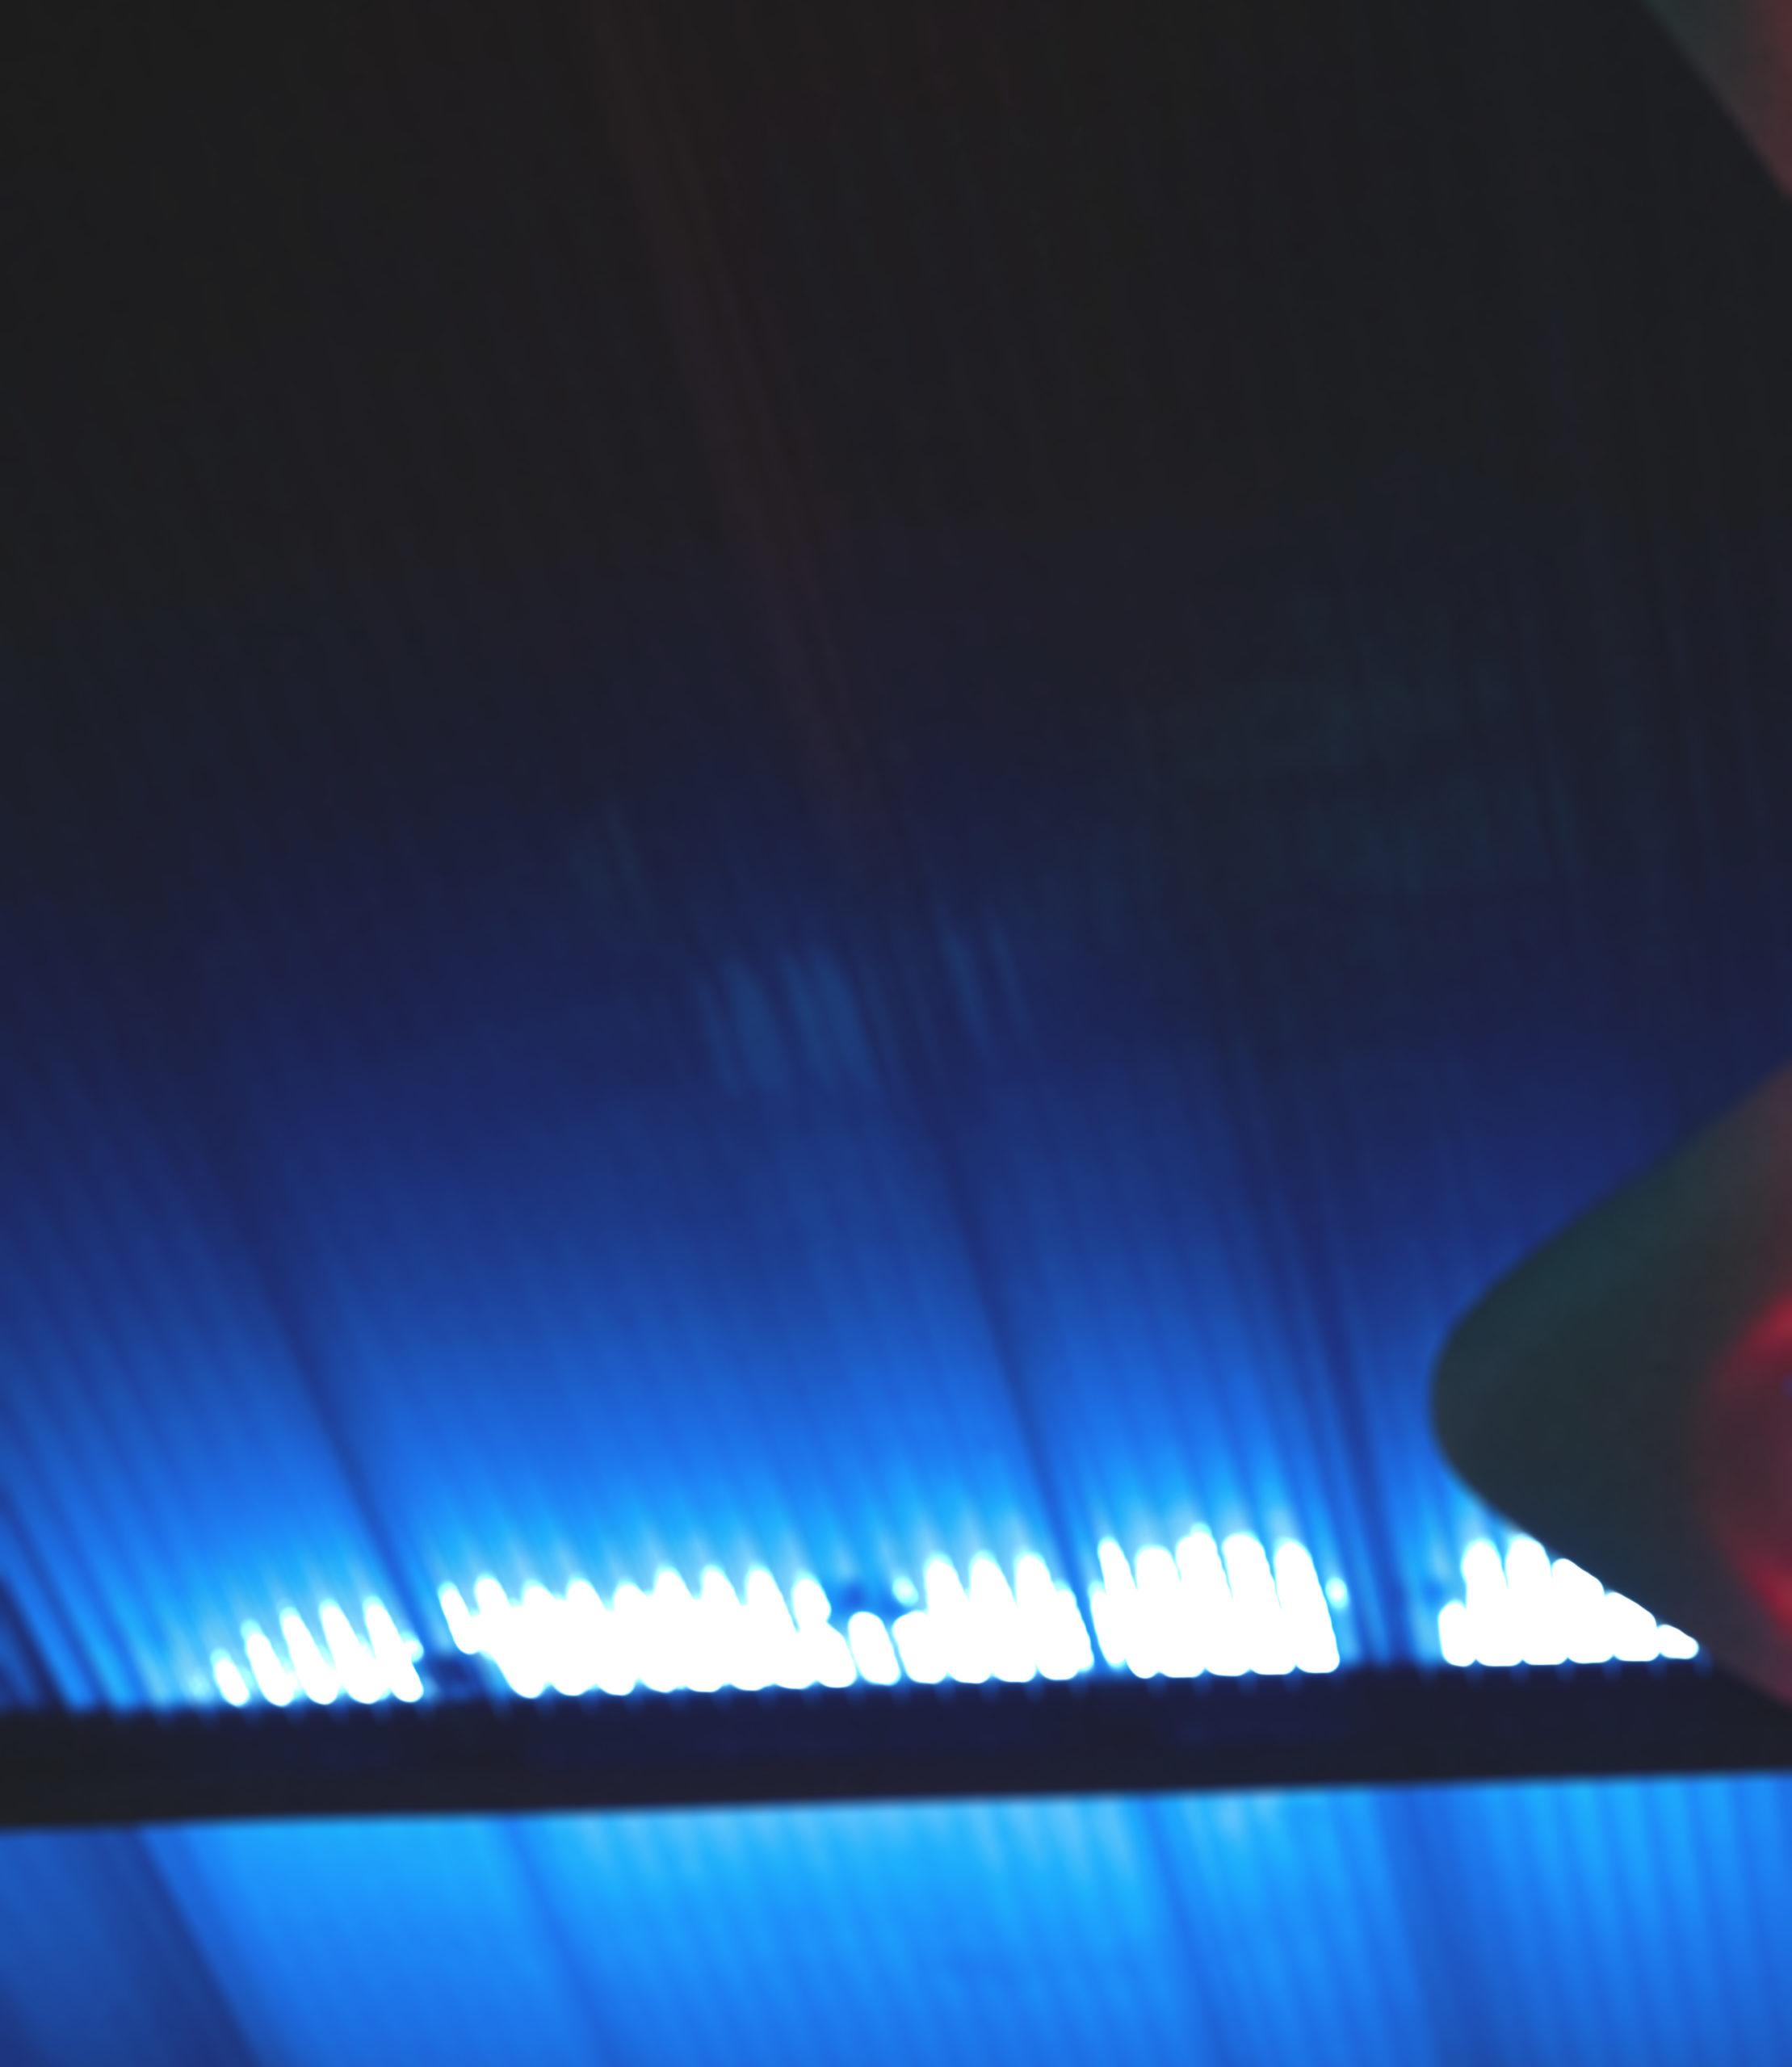 blue led background